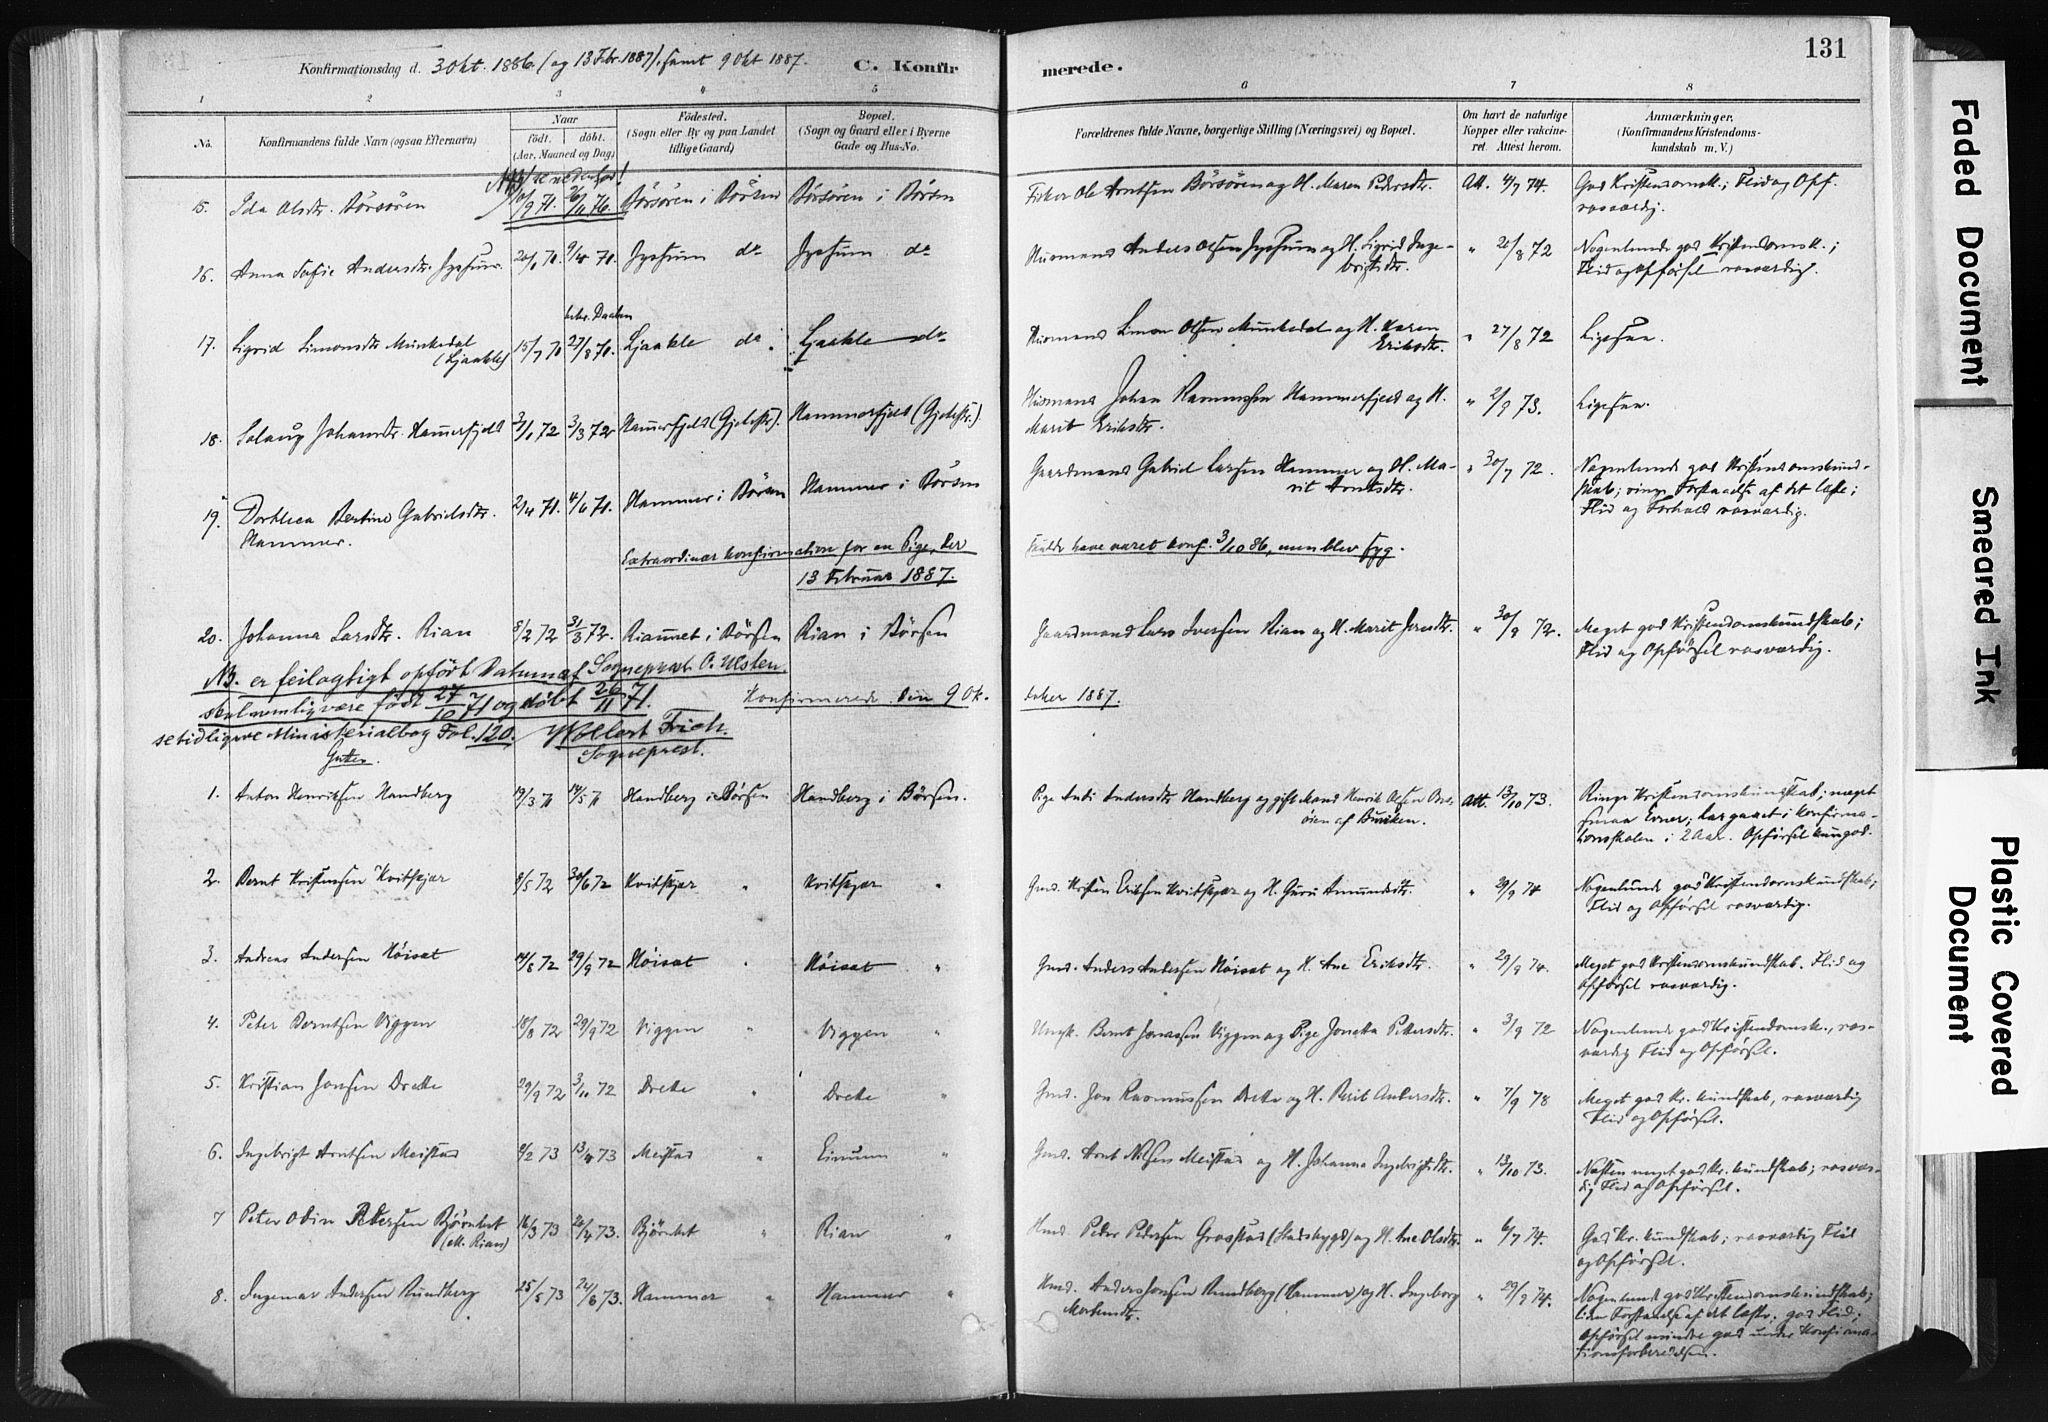 SAT, Ministerialprotokoller, klokkerbøker og fødselsregistre - Sør-Trøndelag, 665/L0773: Ministerialbok nr. 665A08, 1879-1905, s. 131